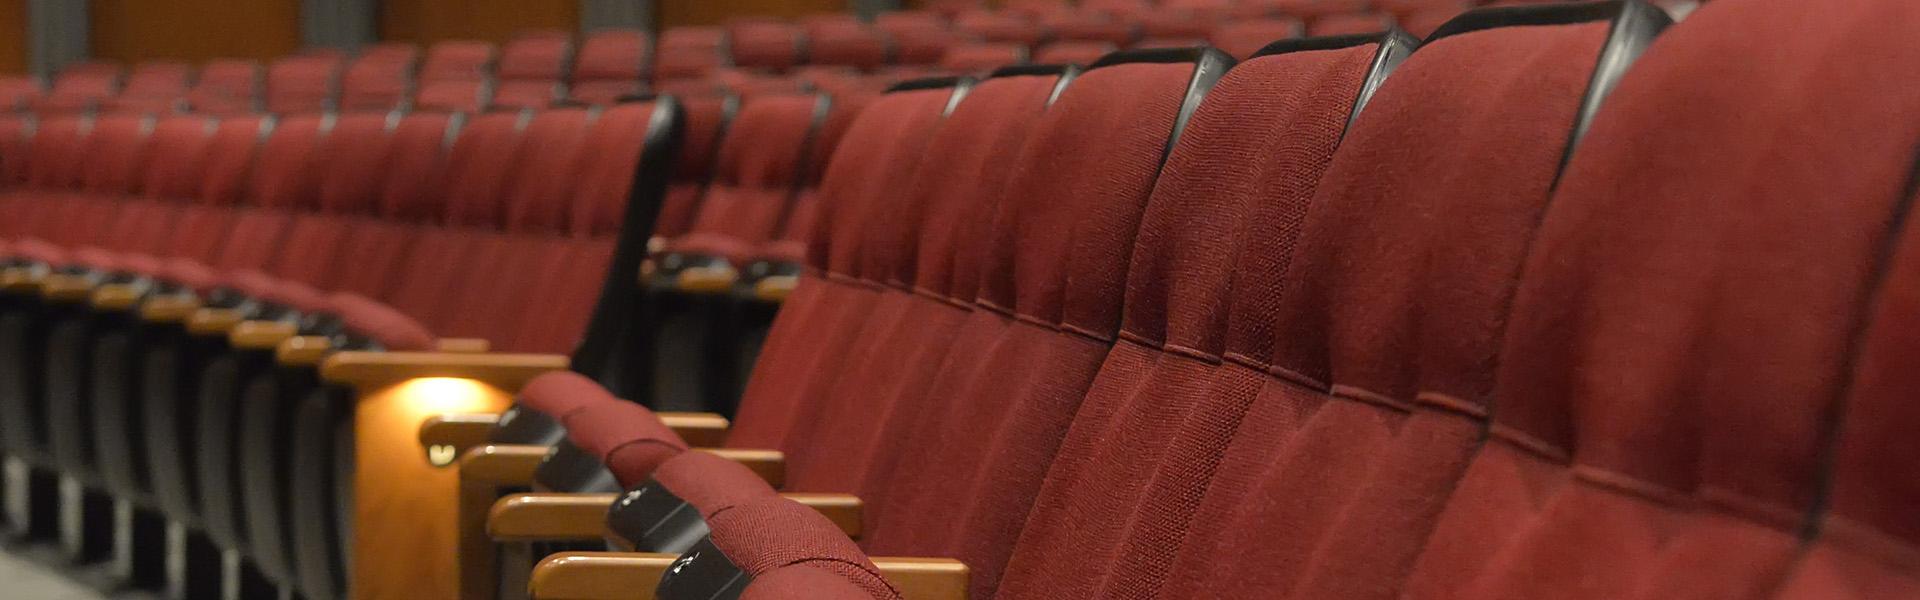 Sièges confort avec 4 grandeurs de sièges (normal, moyen, grand et très grand) et 6 places pour mobilité réduite.